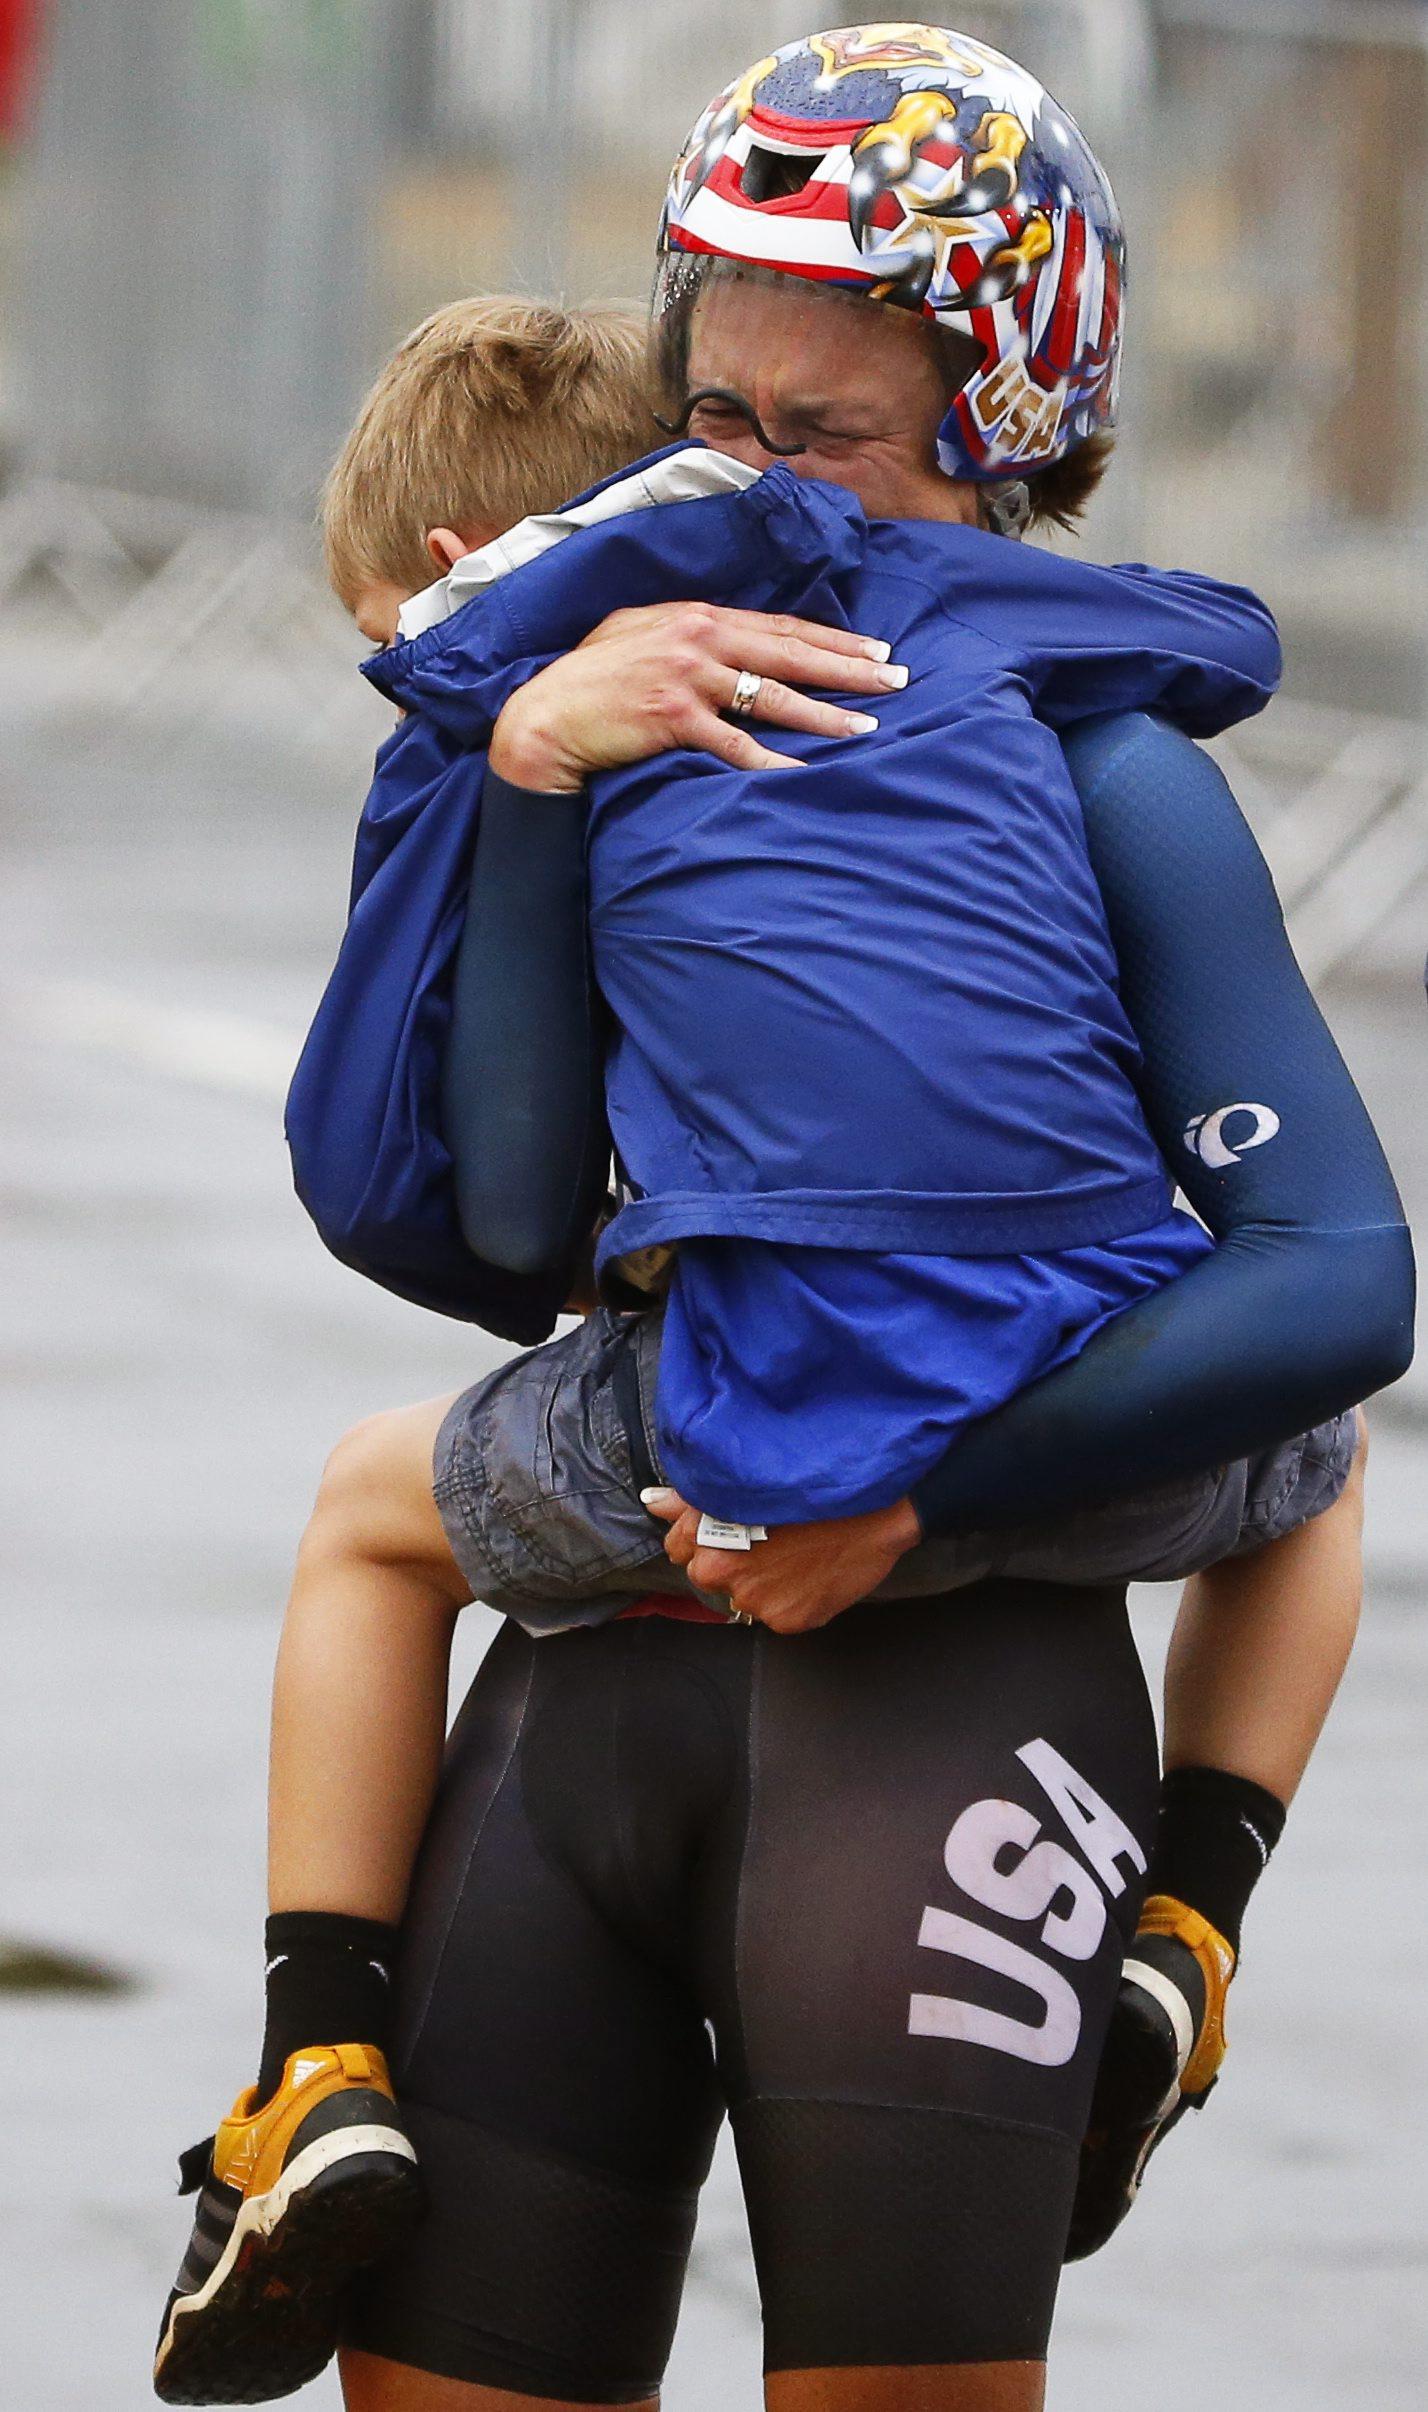 ROA22. RÍO DE JANEIRO (BRASIL), 10/08/2016.- La deportista Kristin Armstrong de Estados Unidos abraza a su hijo Lucas William Savola luego de ganar la medalla de oro hoy, miércoles 10 de agosto de 2016, en la competencia individual contrarreloj femenina, de ciclismo de ruta, durante los Juegos Olímpicos Río 2016, en el Pontal de Río de Janeiro (Brasil). EFE/JAVIER ETXEZARRETA